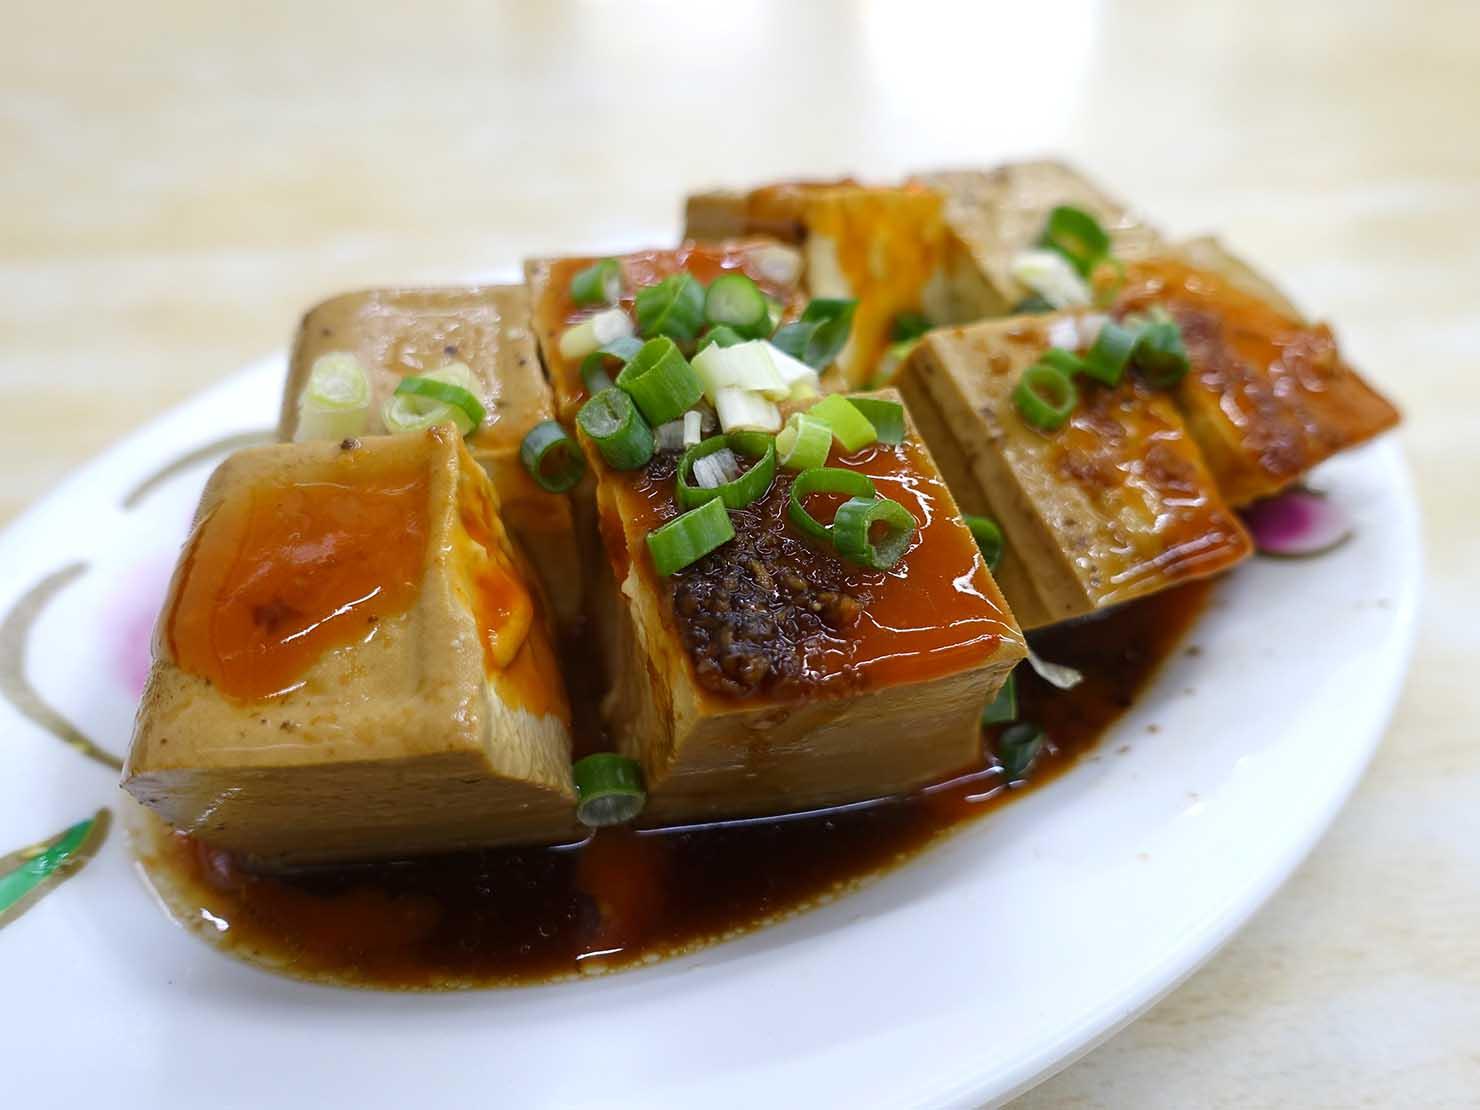 台北・西門町のおすすめグルメ店「國賓鹹粥」の魯豆腐